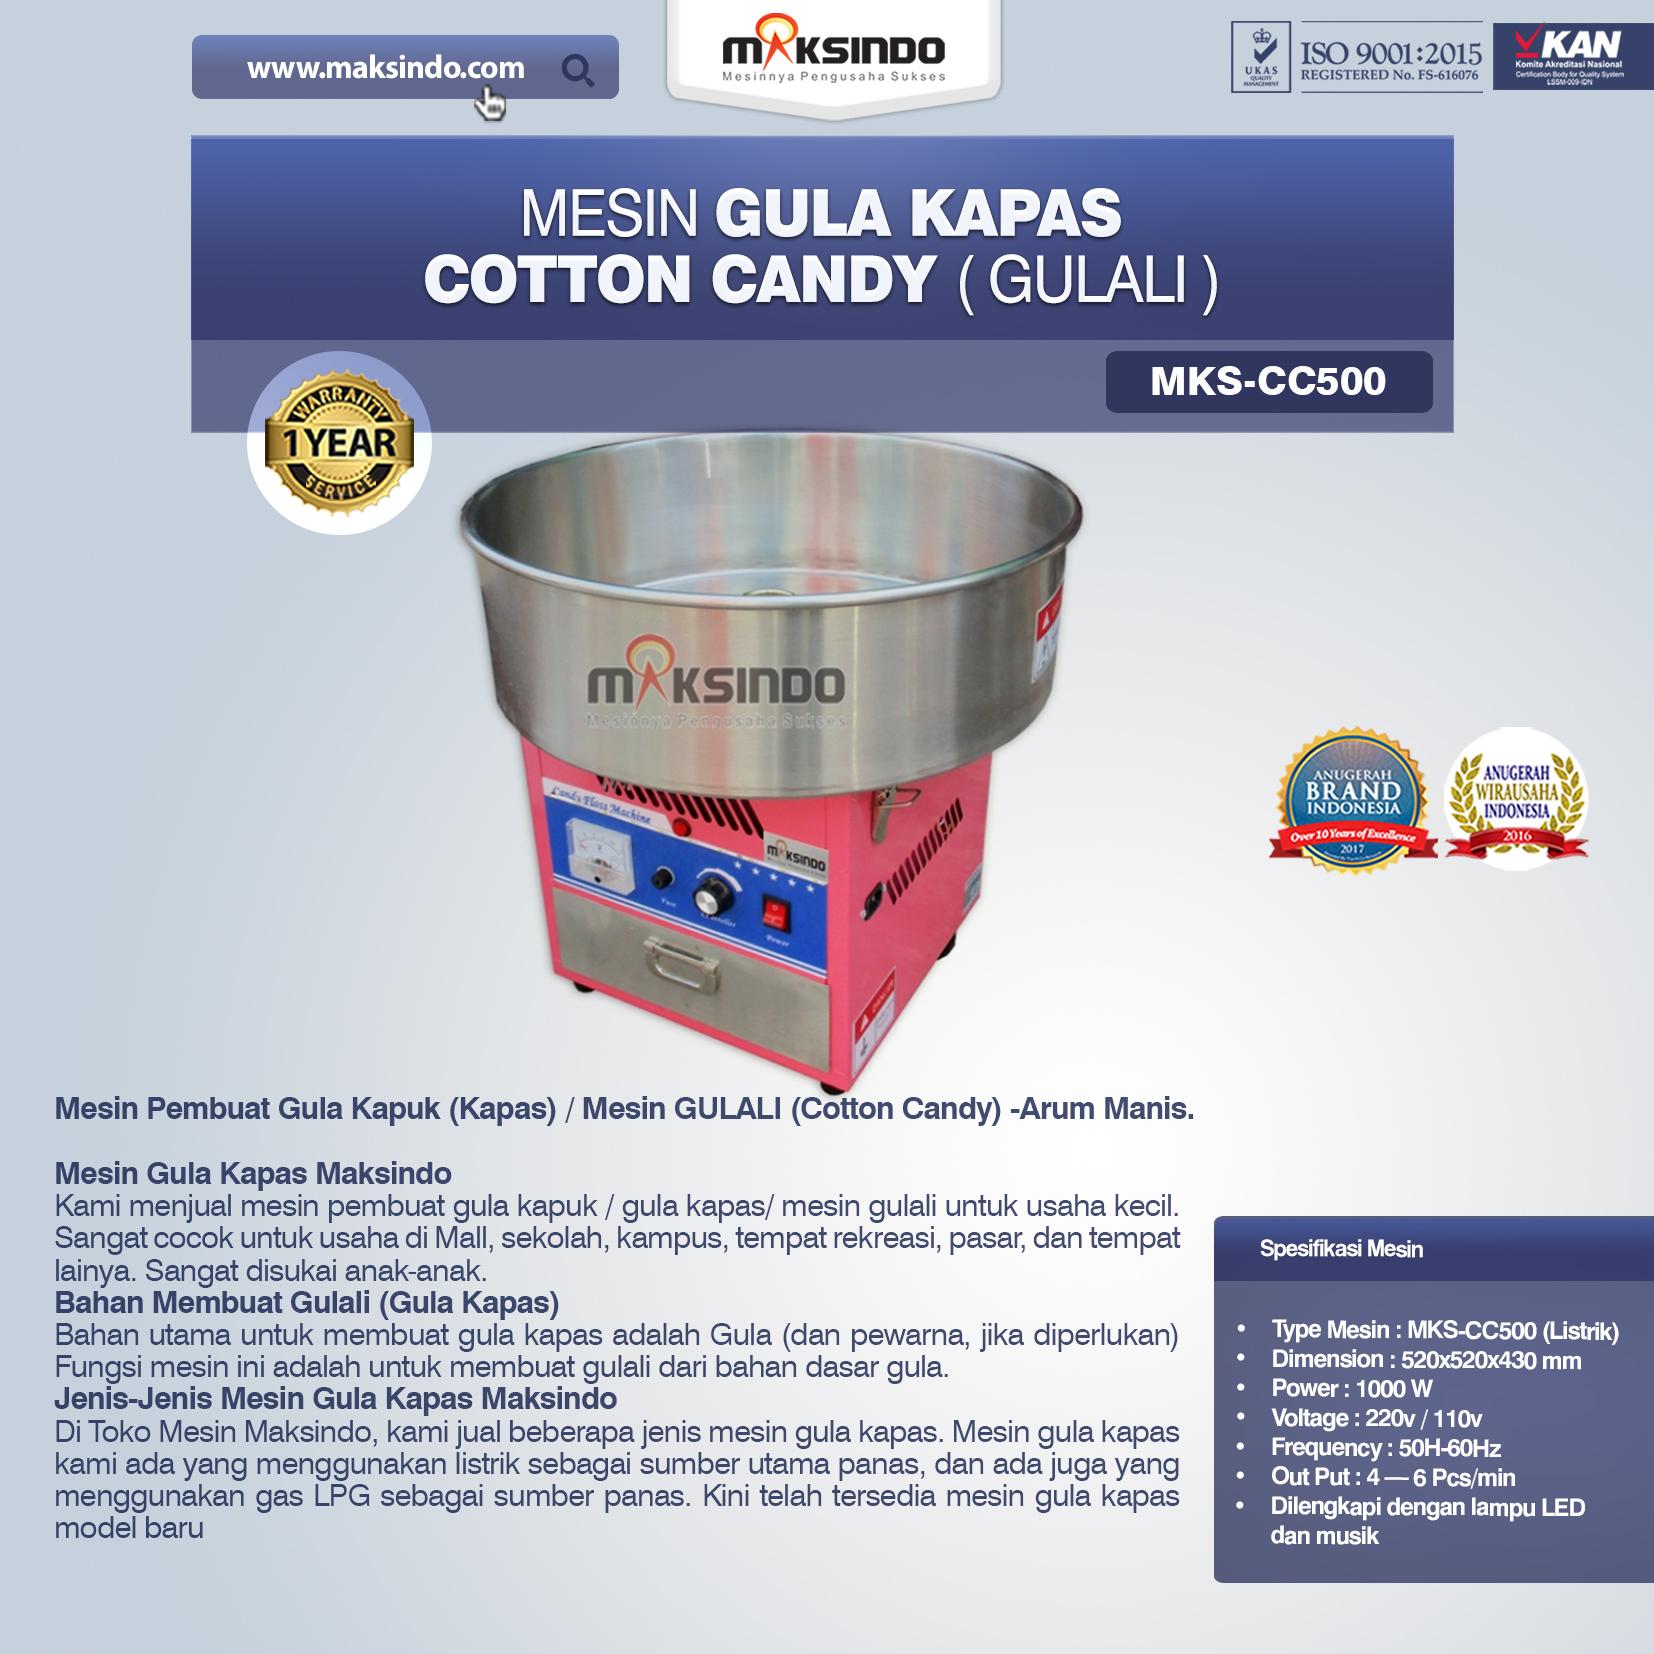 Mesin Gula Kapas Cotton Candy Gulali MKS-CC500 Listrik